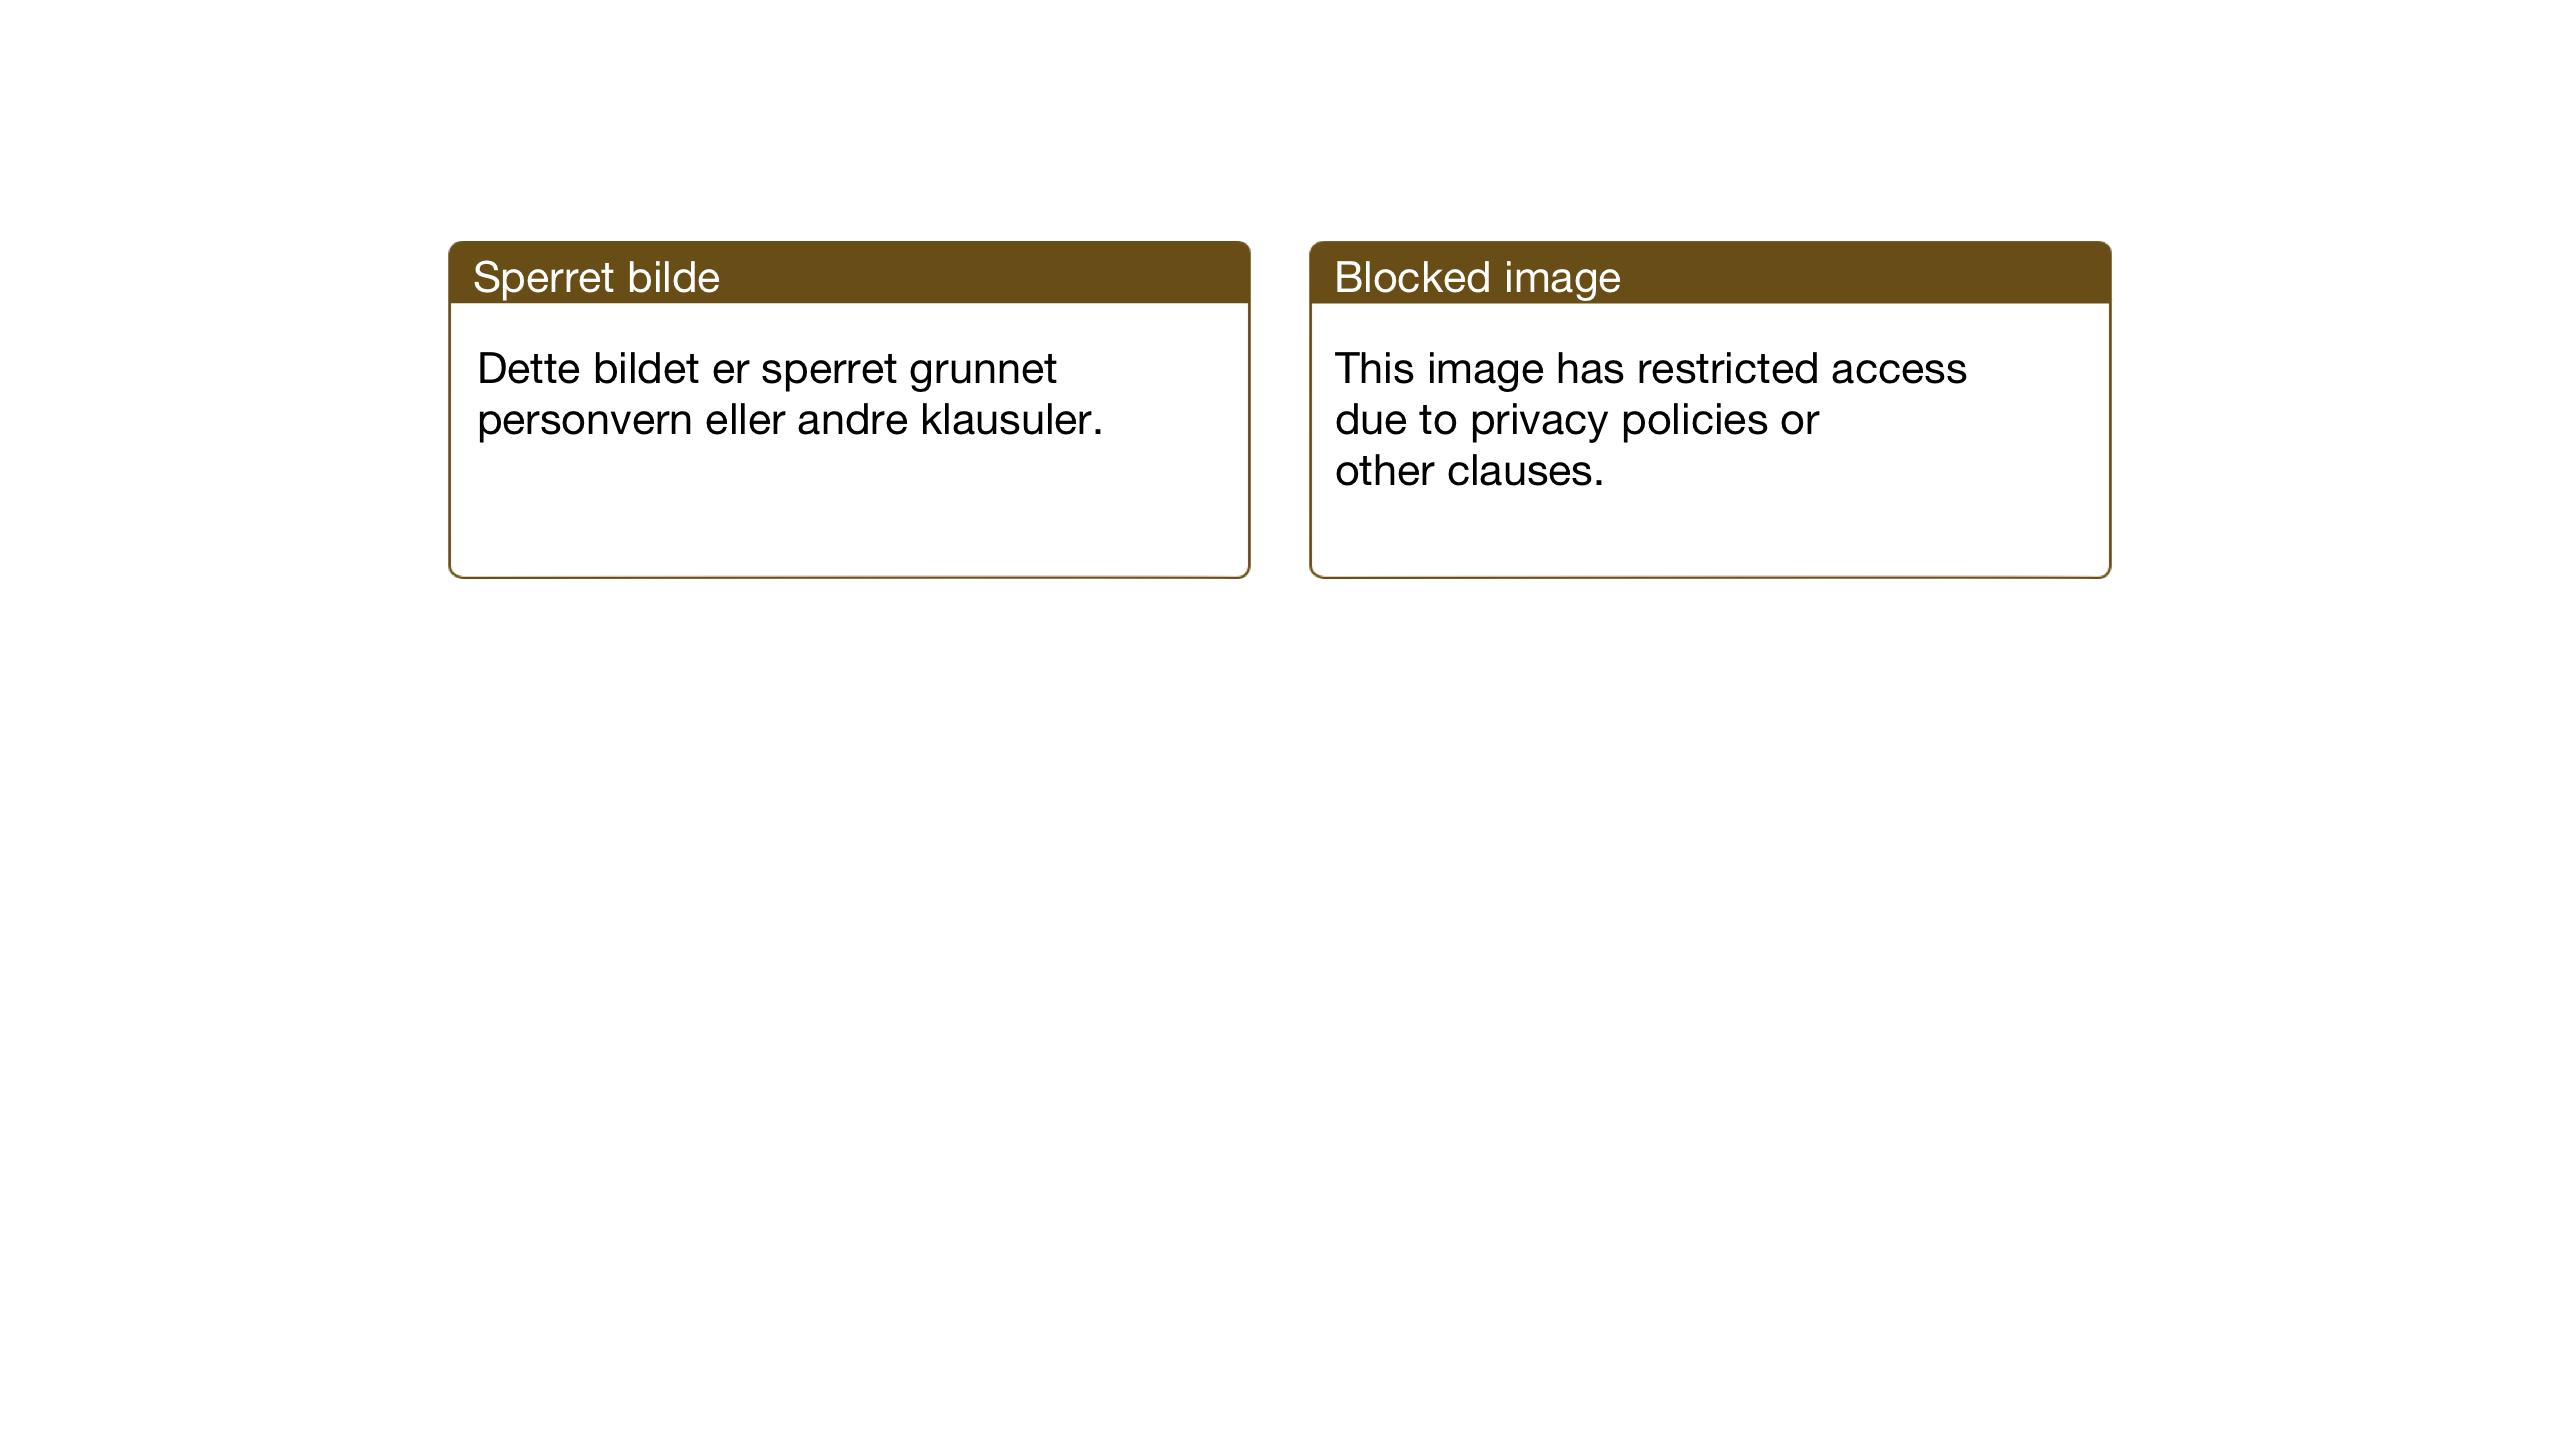 SAT, Ministerialprotokoller, klokkerbøker og fødselsregistre - Sør-Trøndelag, 630/L0508: Klokkerbok nr. 630C06, 1933-1950, s. 231